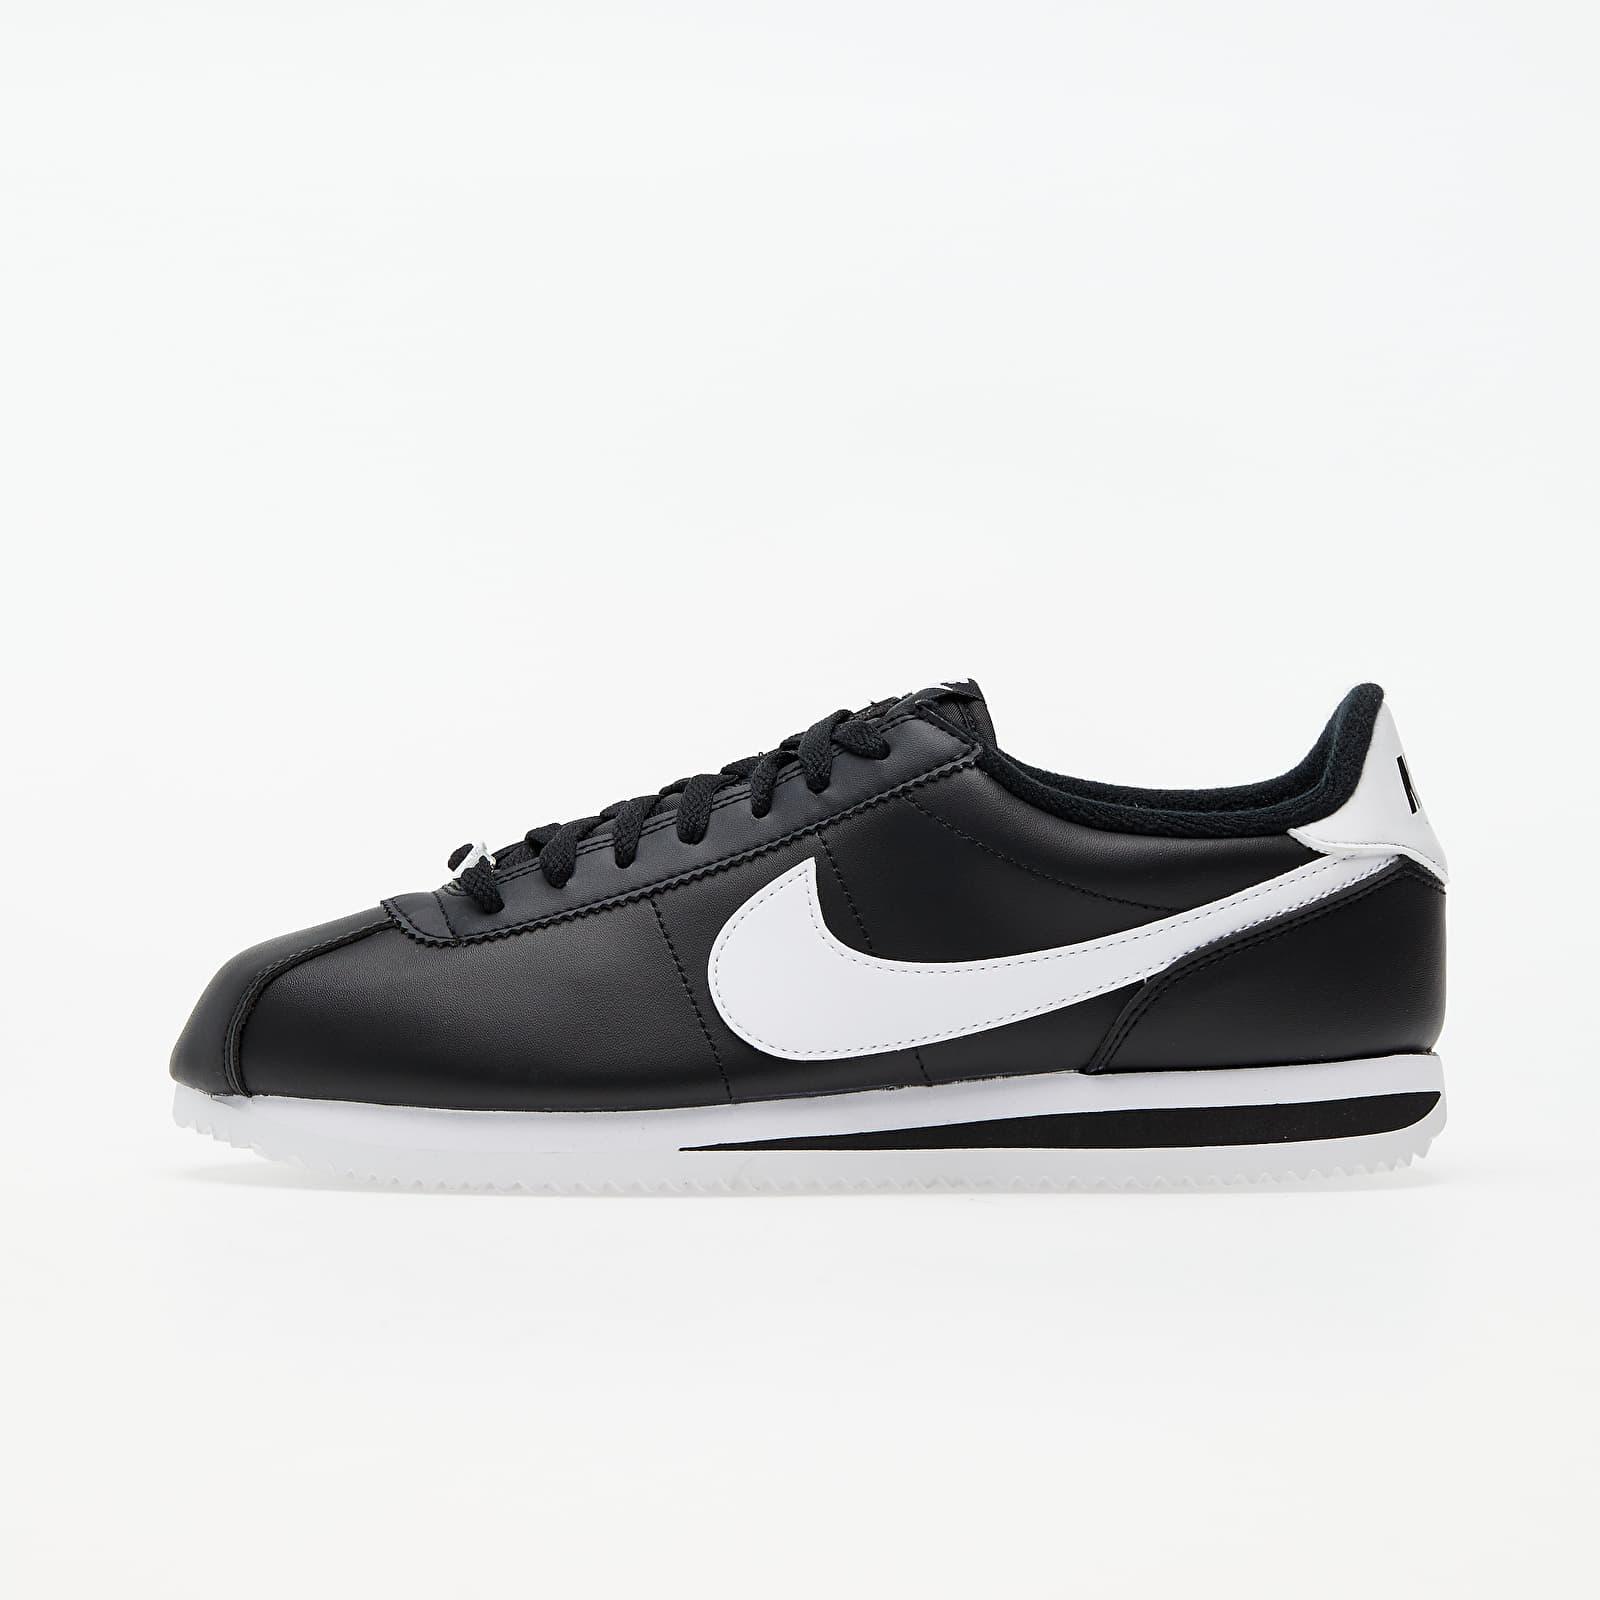 shoes Nike Cortez Basic Leather Black